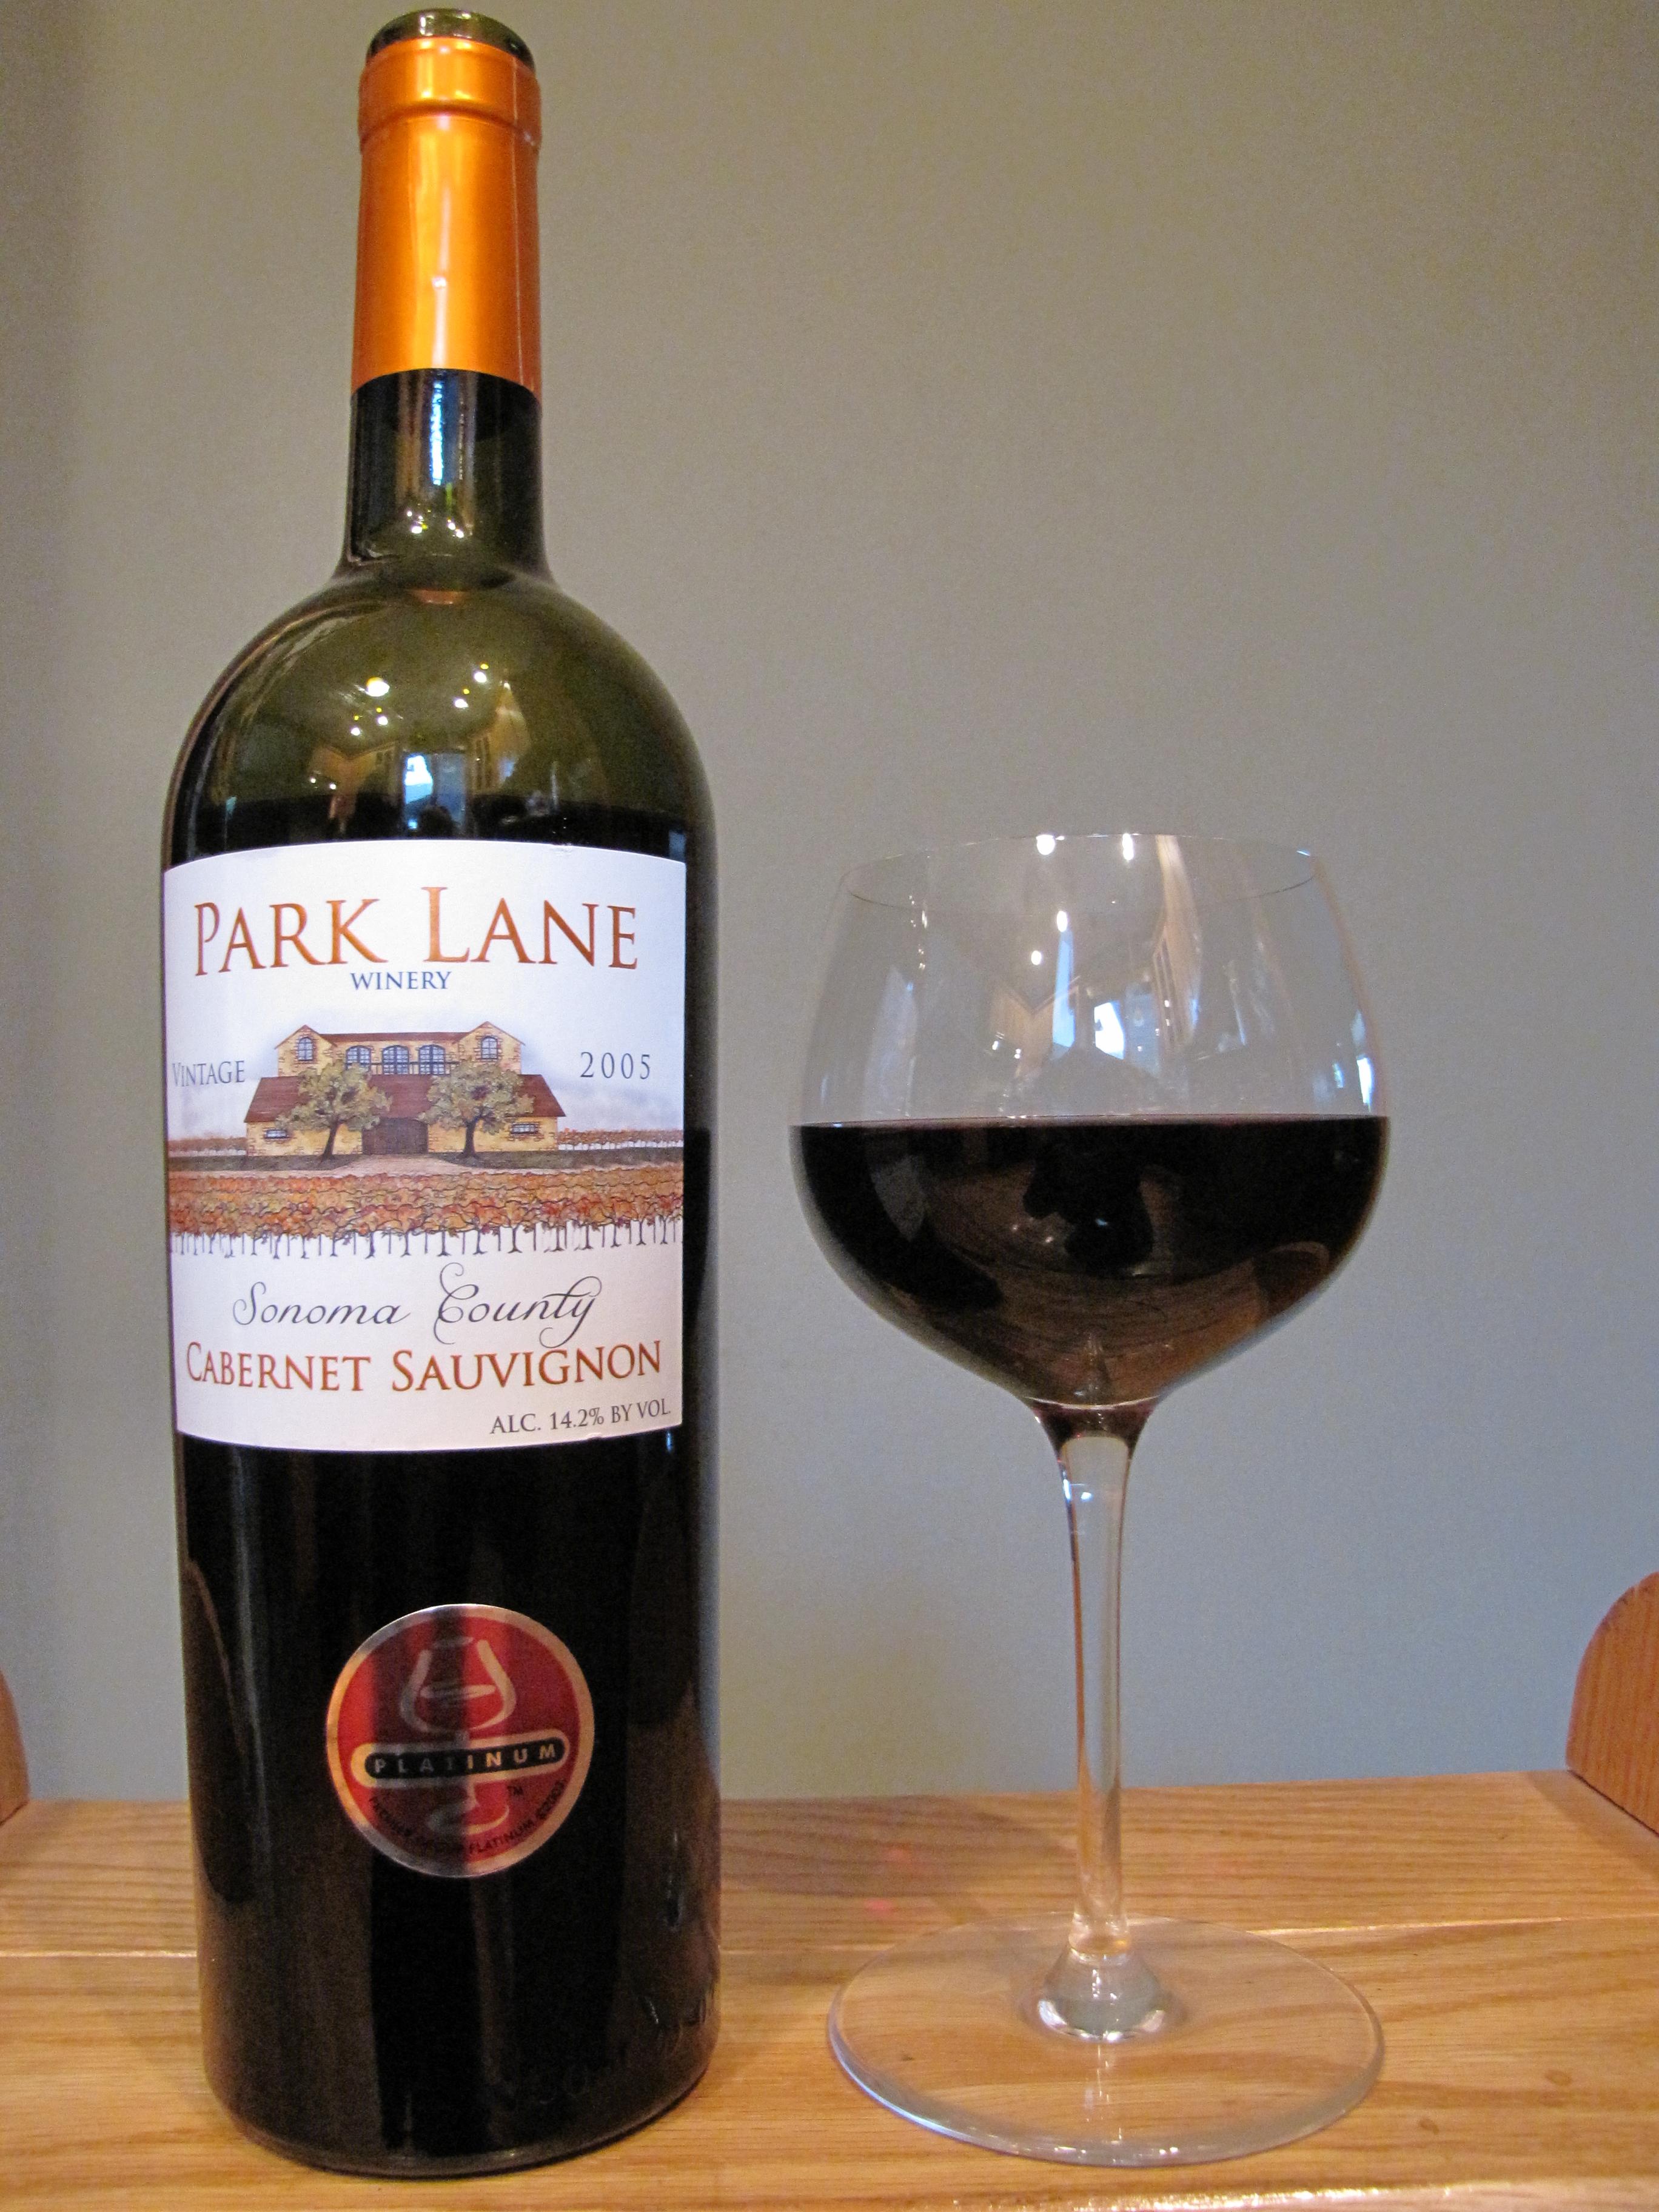 Park Lane Cabernet Sauvignon (2005)